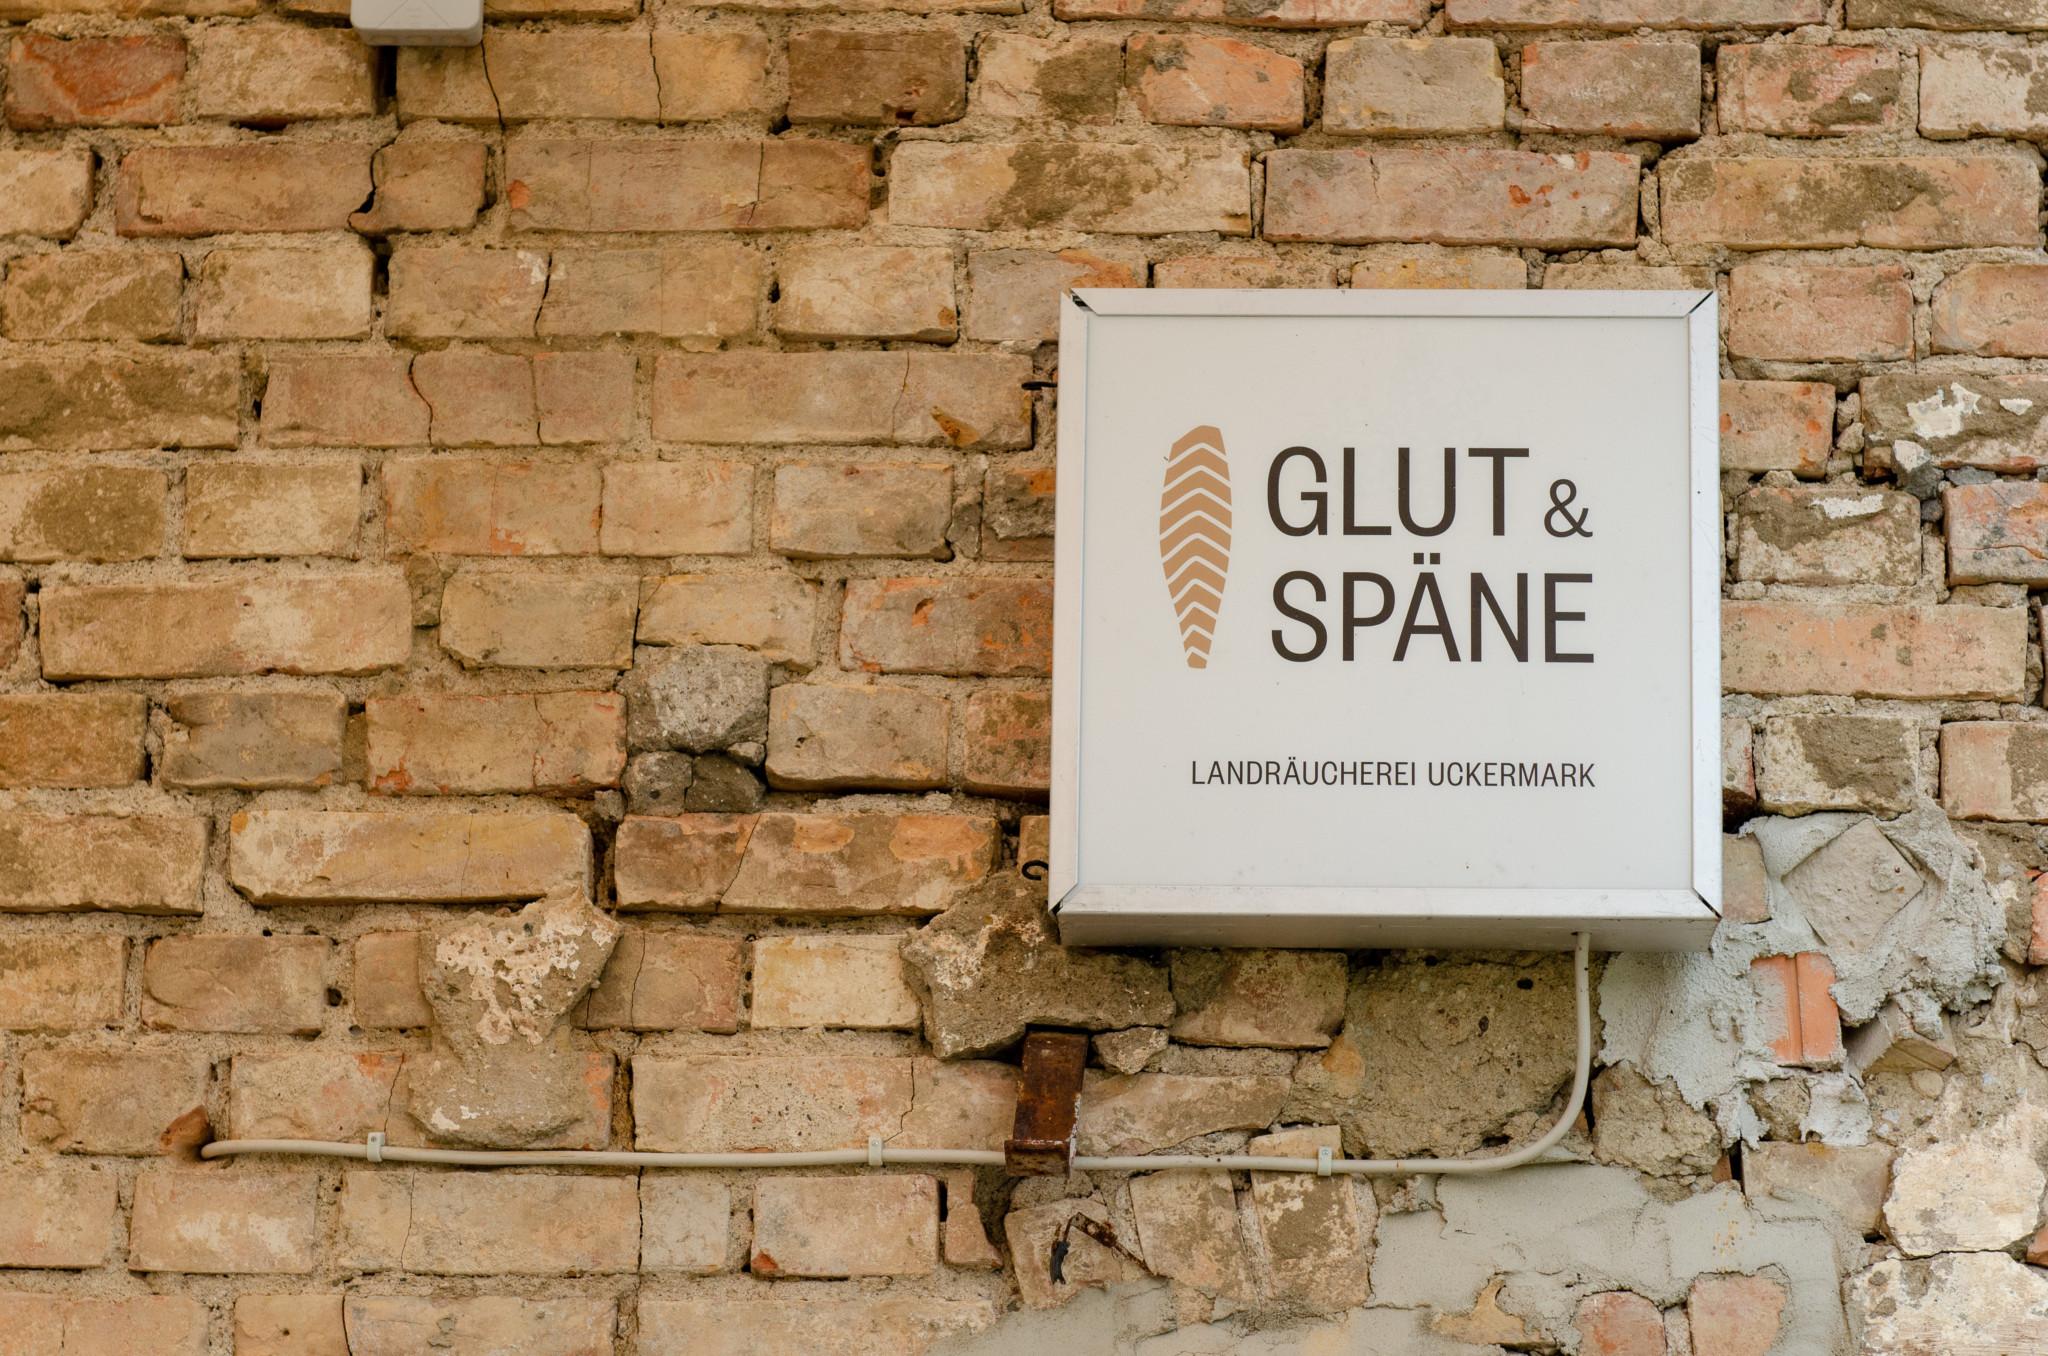 Glut und Späne in Gerswalde